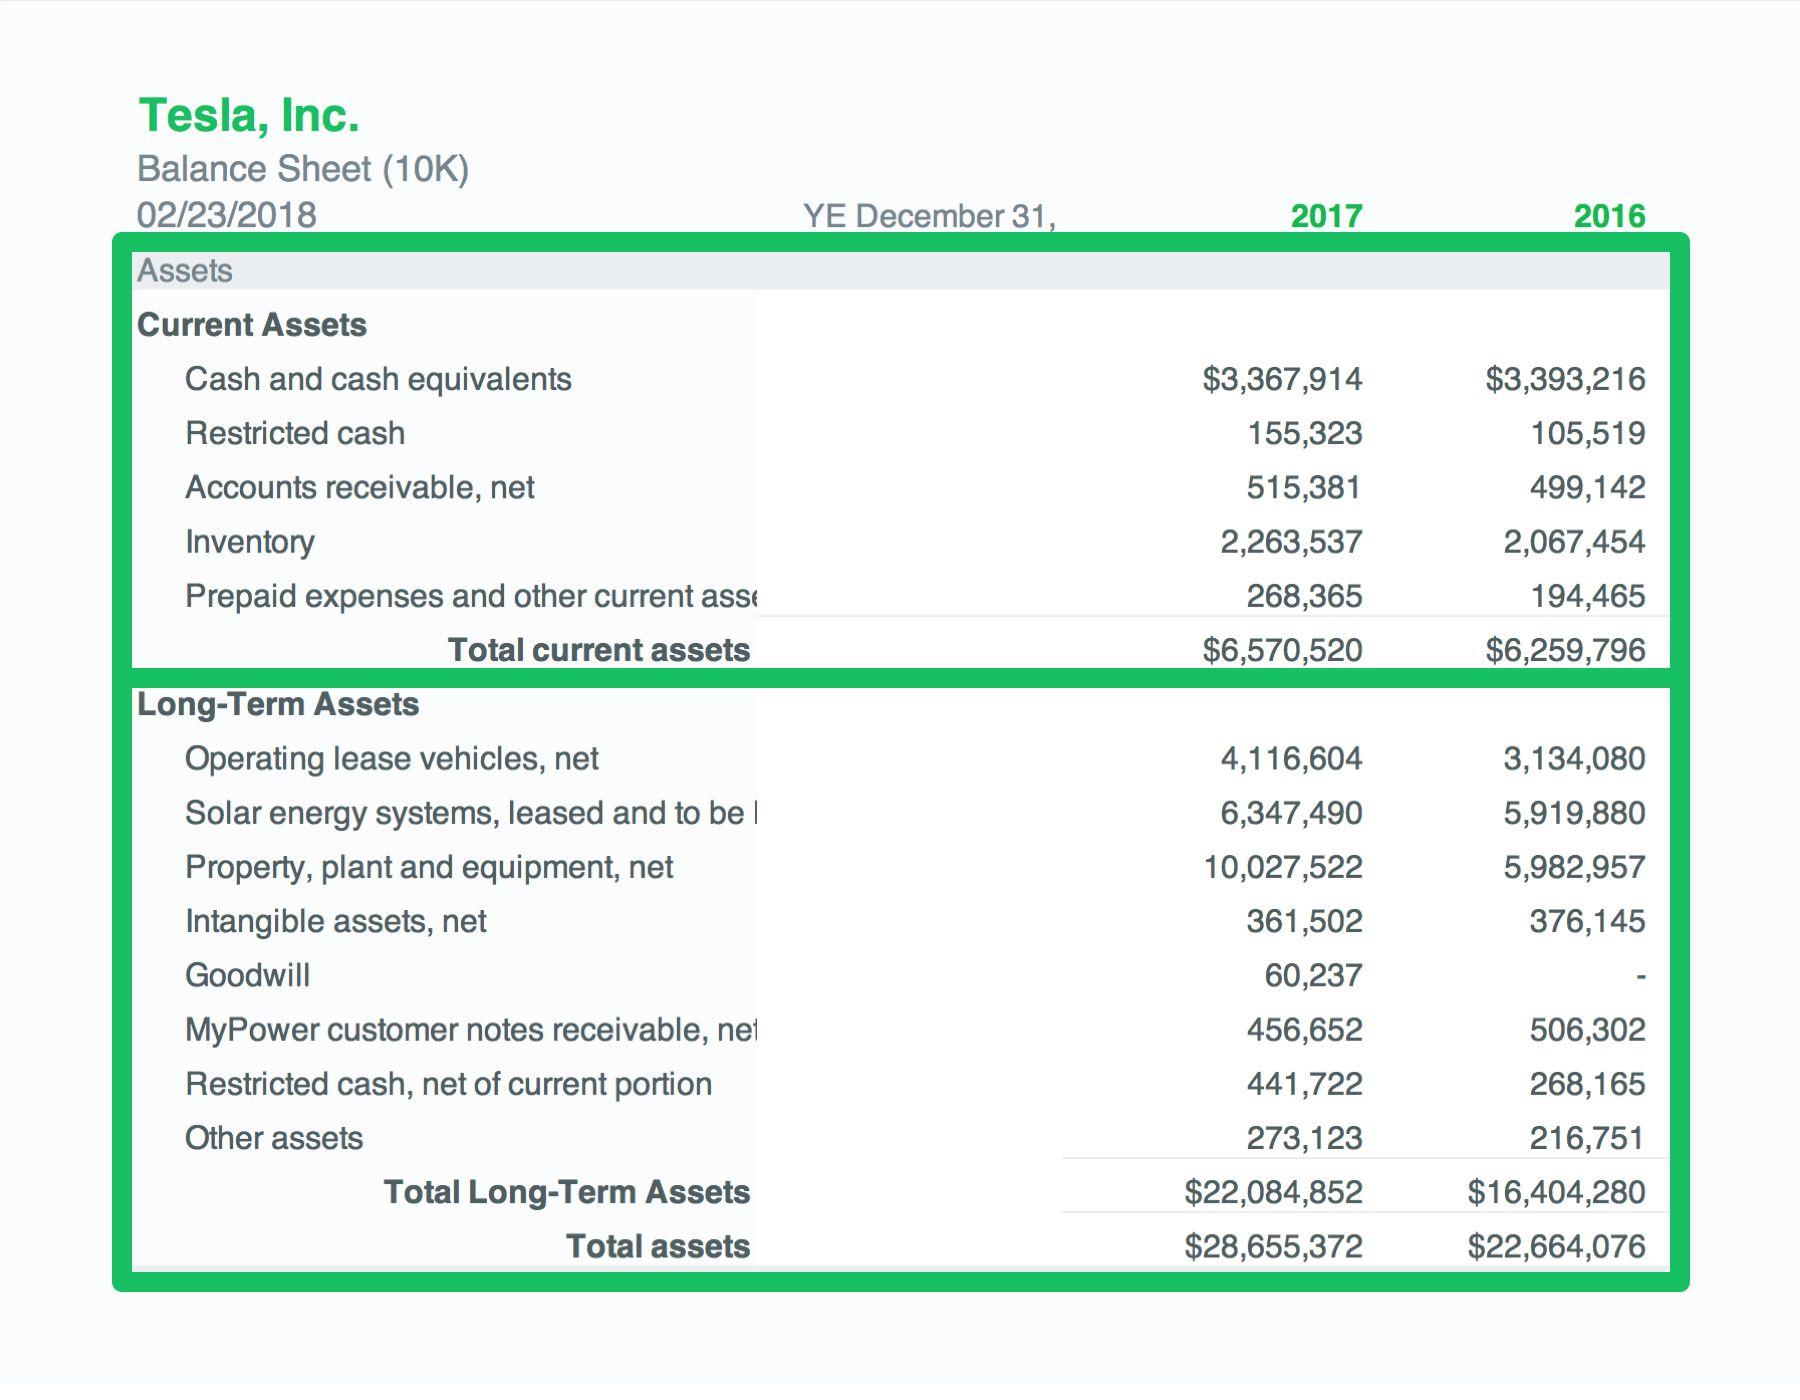 Current assets vs Long-term Assets